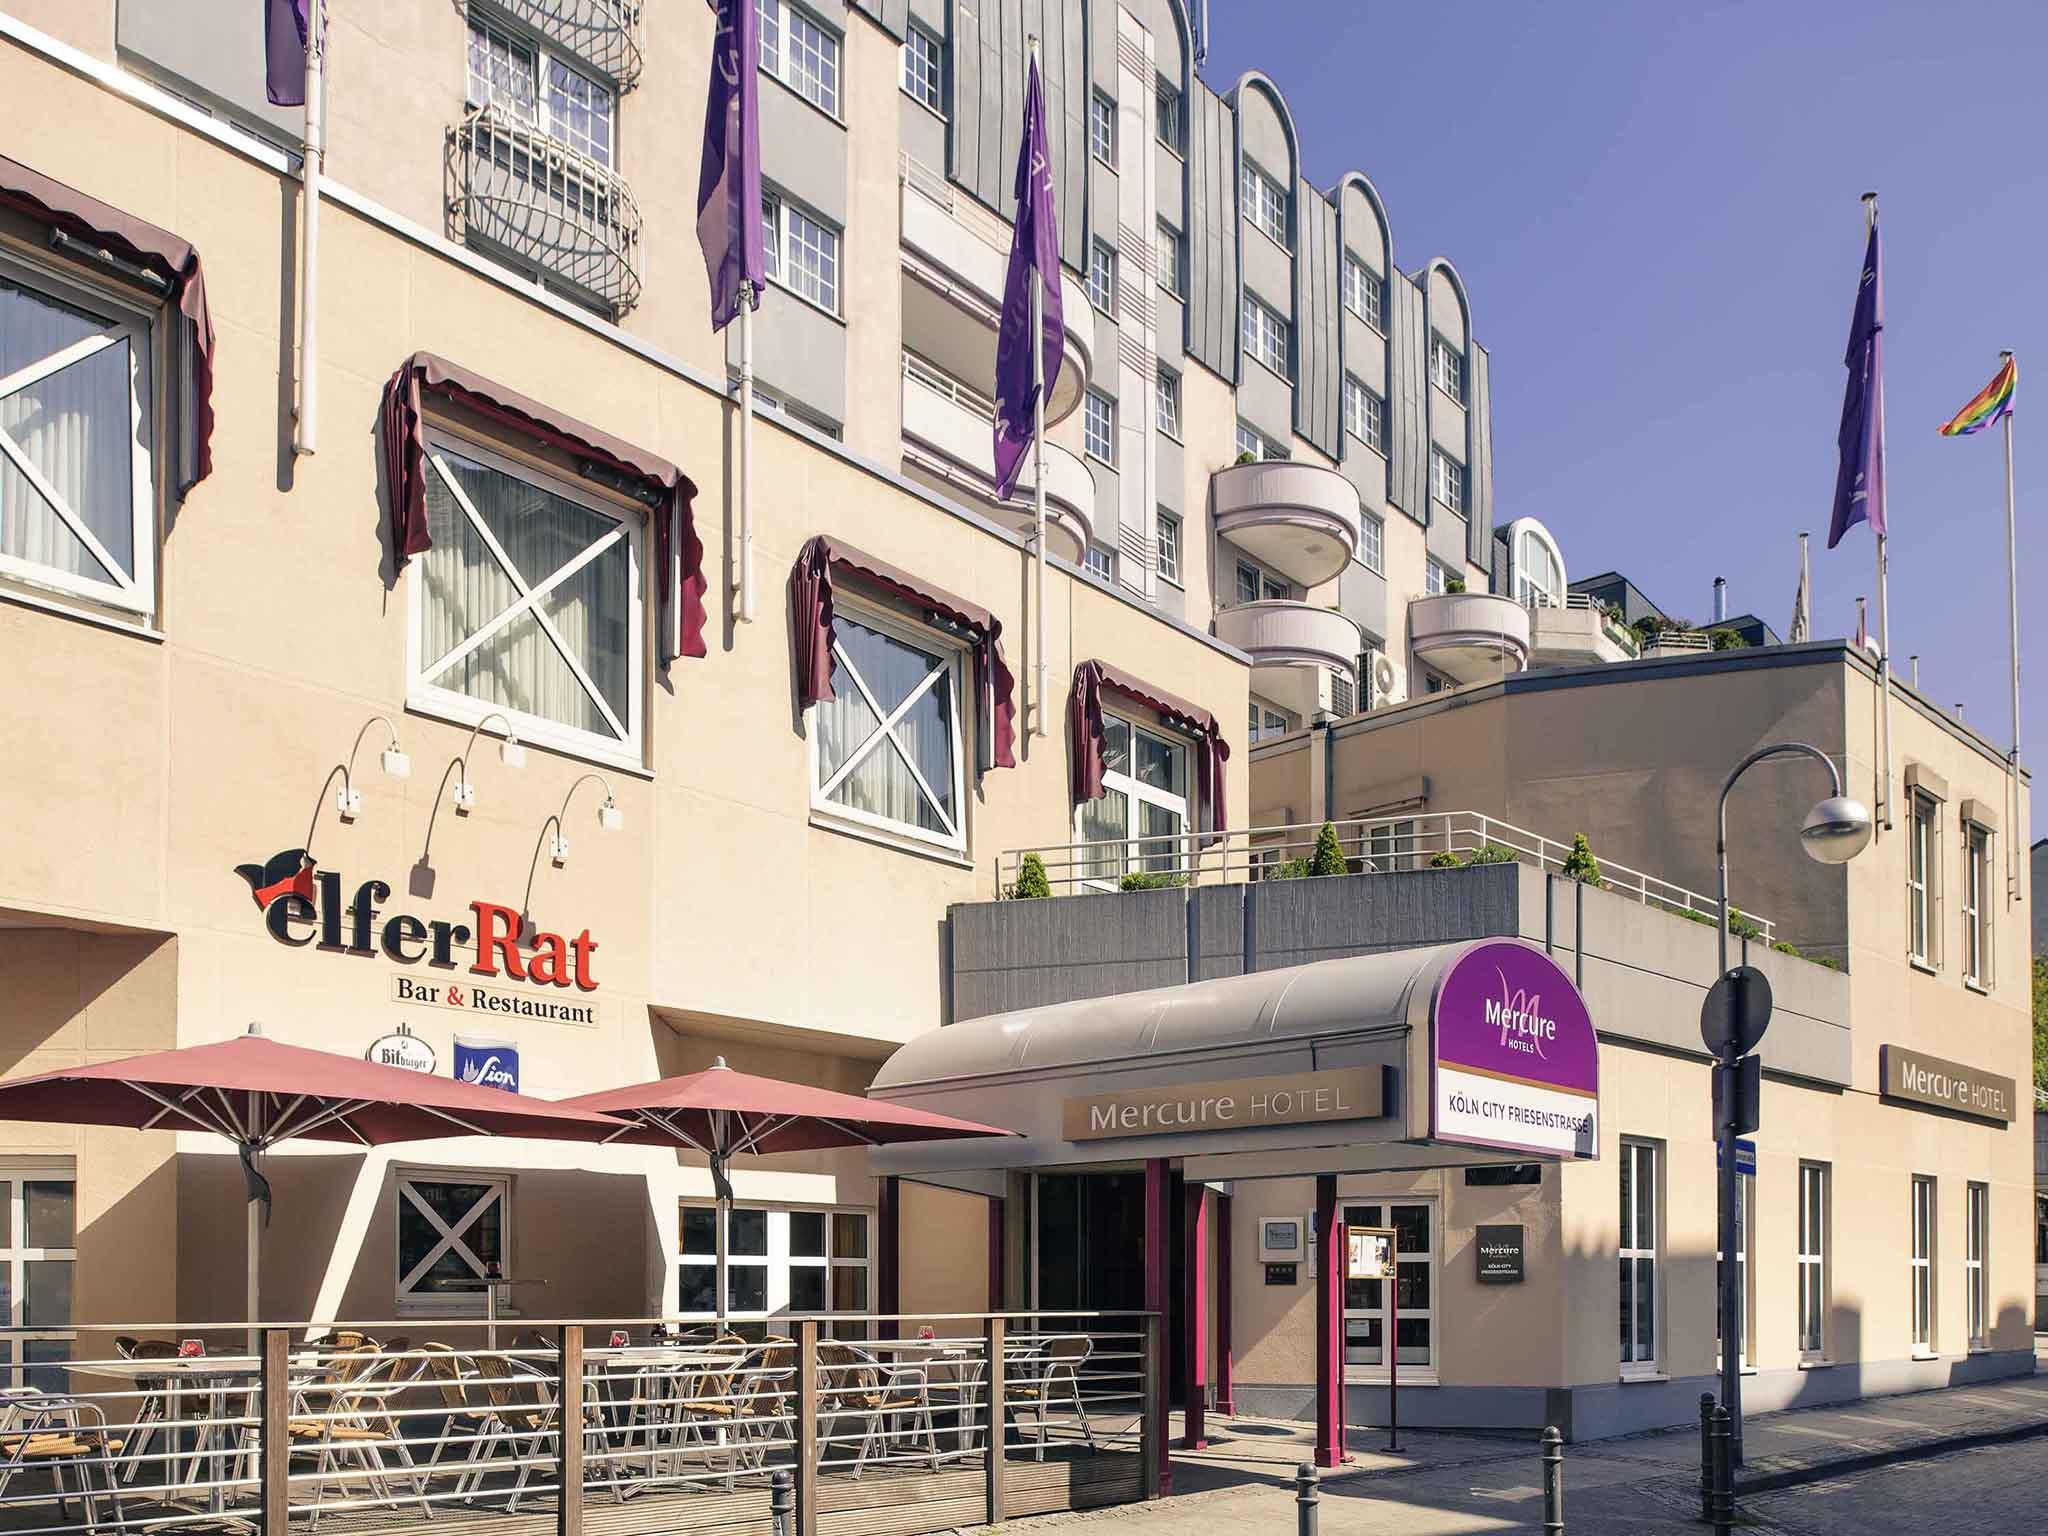 호텔 – Mercure Hotel Koeln City Friesenstrasse